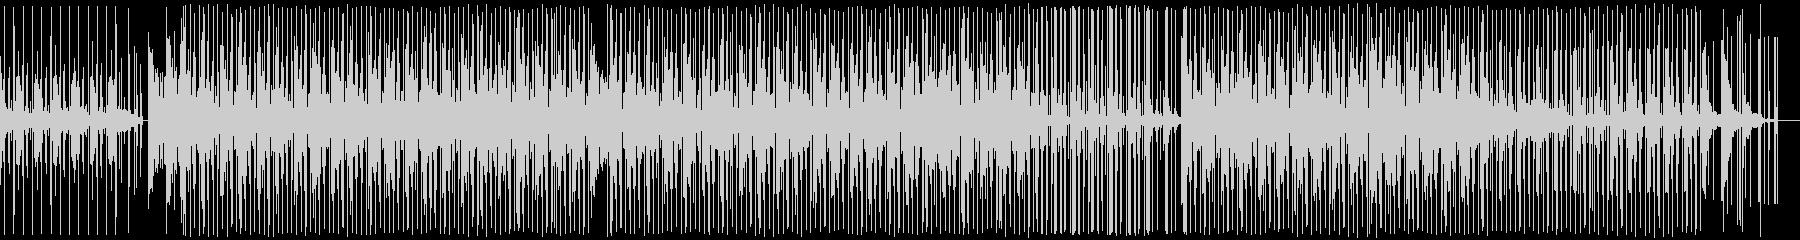 ■ビート ■ピアノ ■エモーショナル の未再生の波形